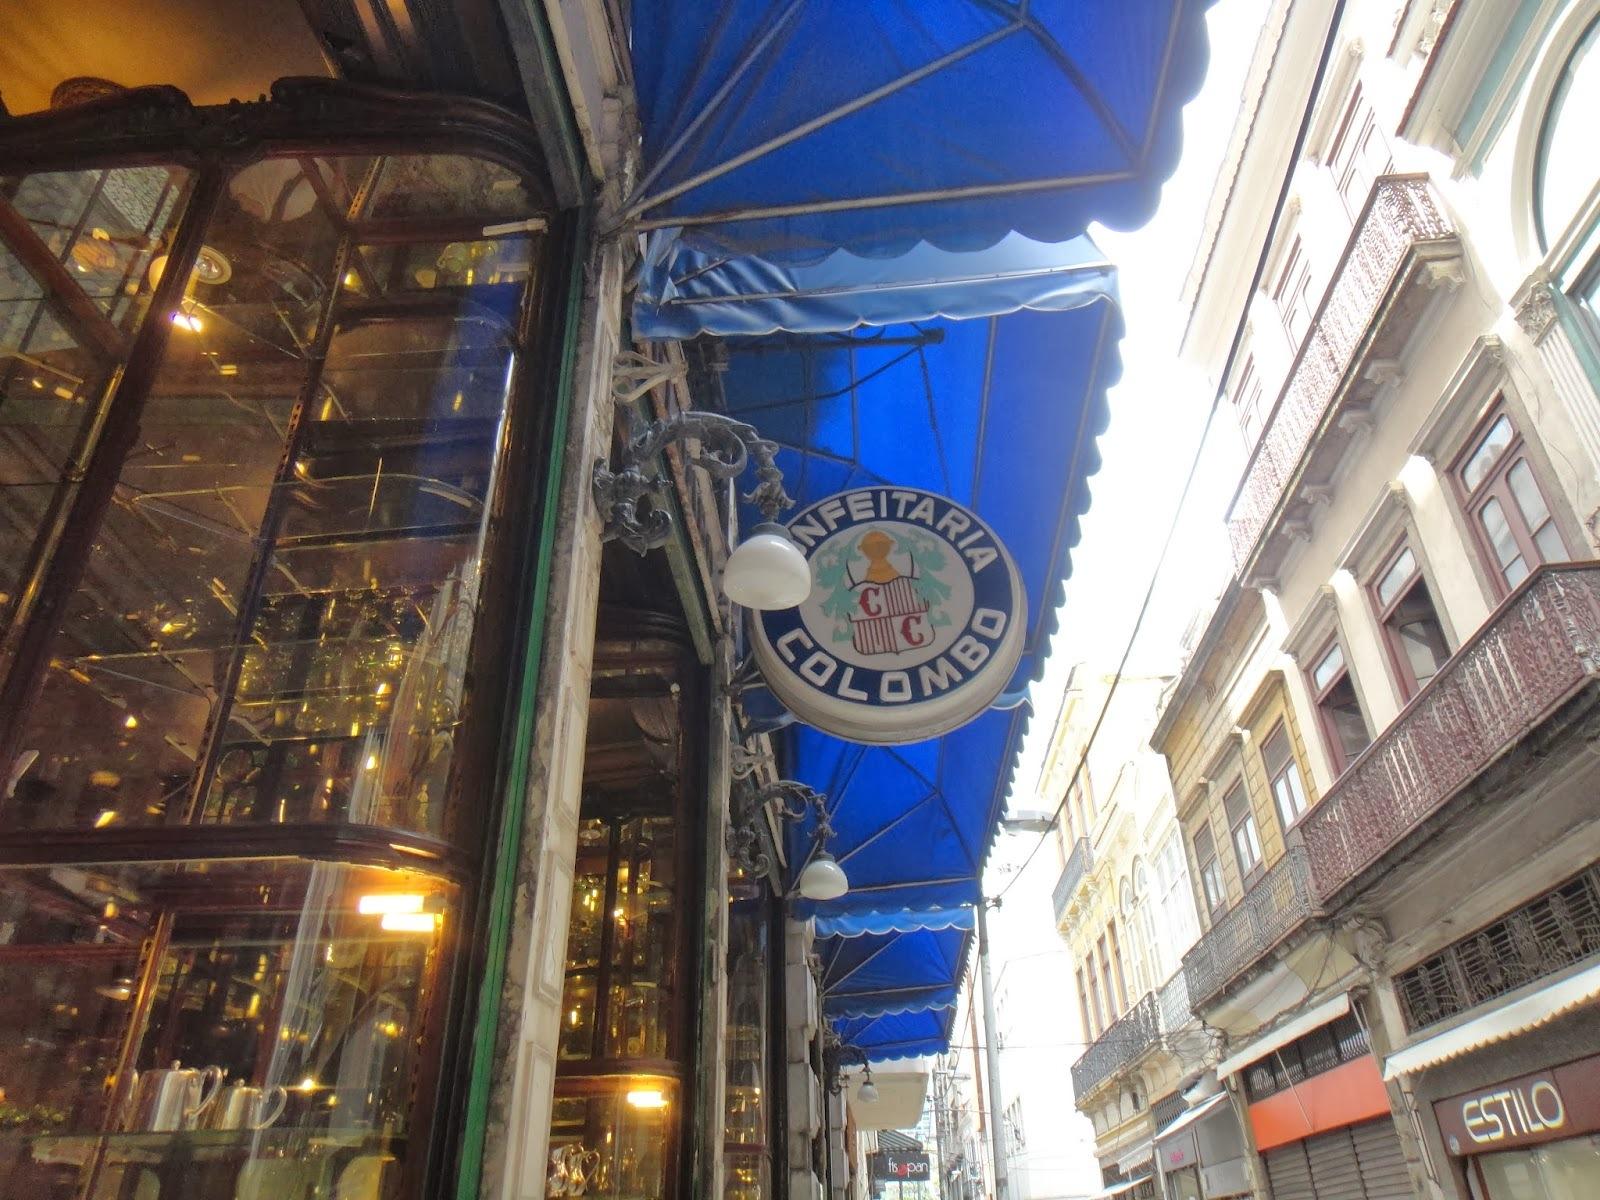 Confeitaria Colombo no Rio de Janeiro: história, glamour e gastronomia de qualidade!